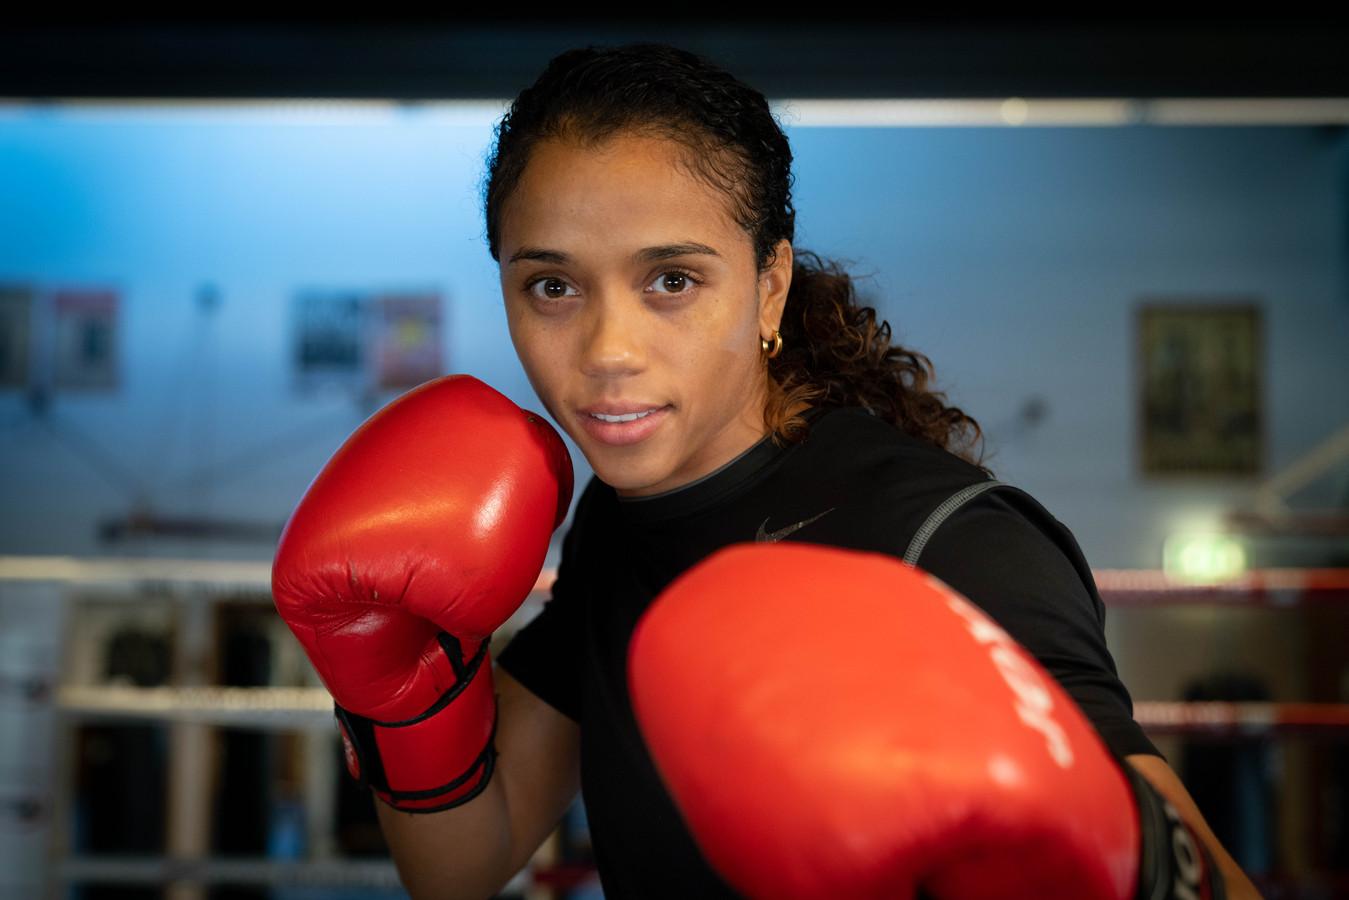 Jemyma Betrian is klaar voor het WK boksen, dat woensdag begint in India.